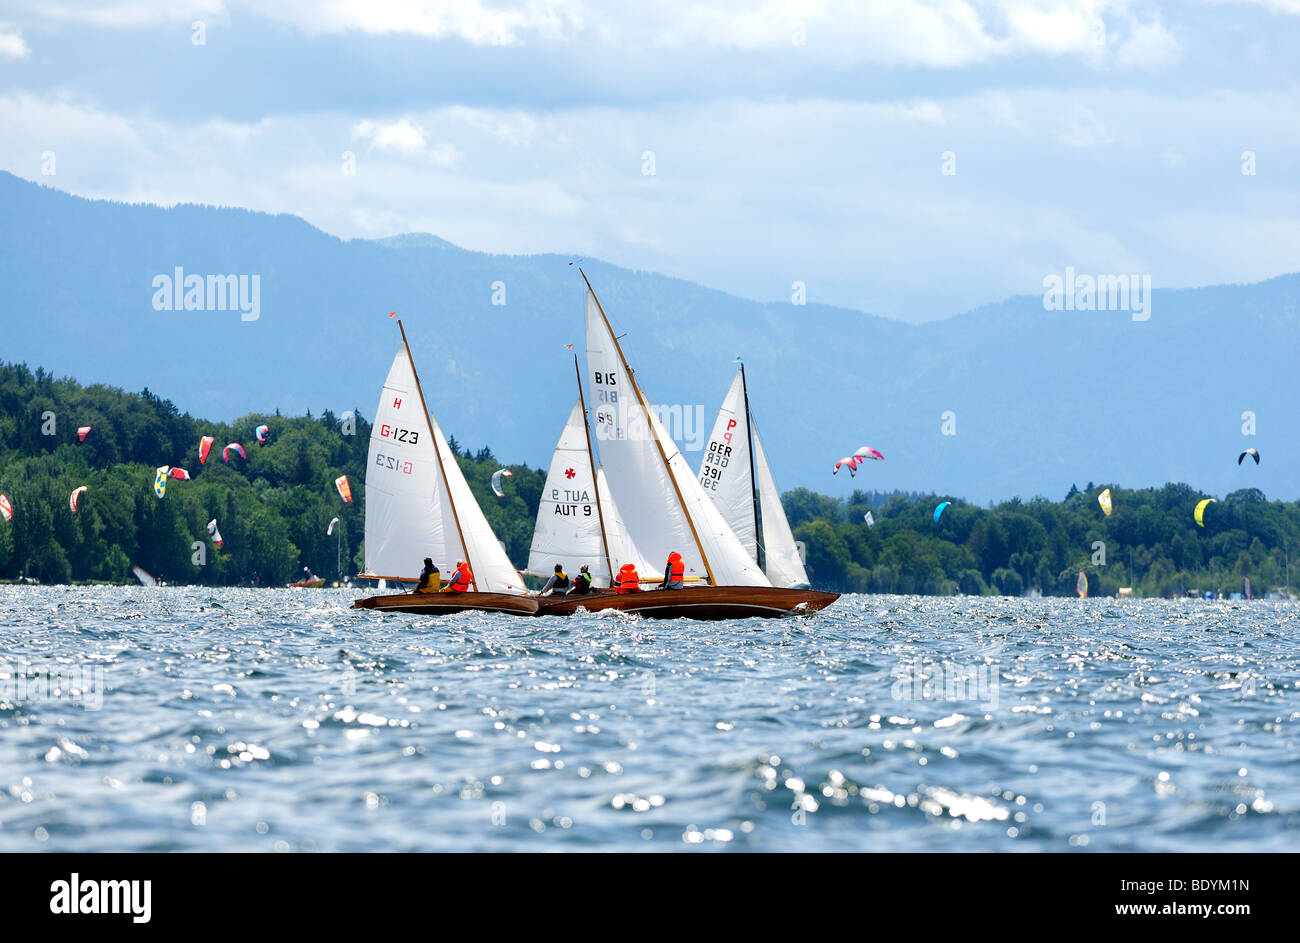 Segeln Sie Boote auf dem Starnberger See See, Upper Bavaria, Bayern, Deutschland, Europa Stockbild